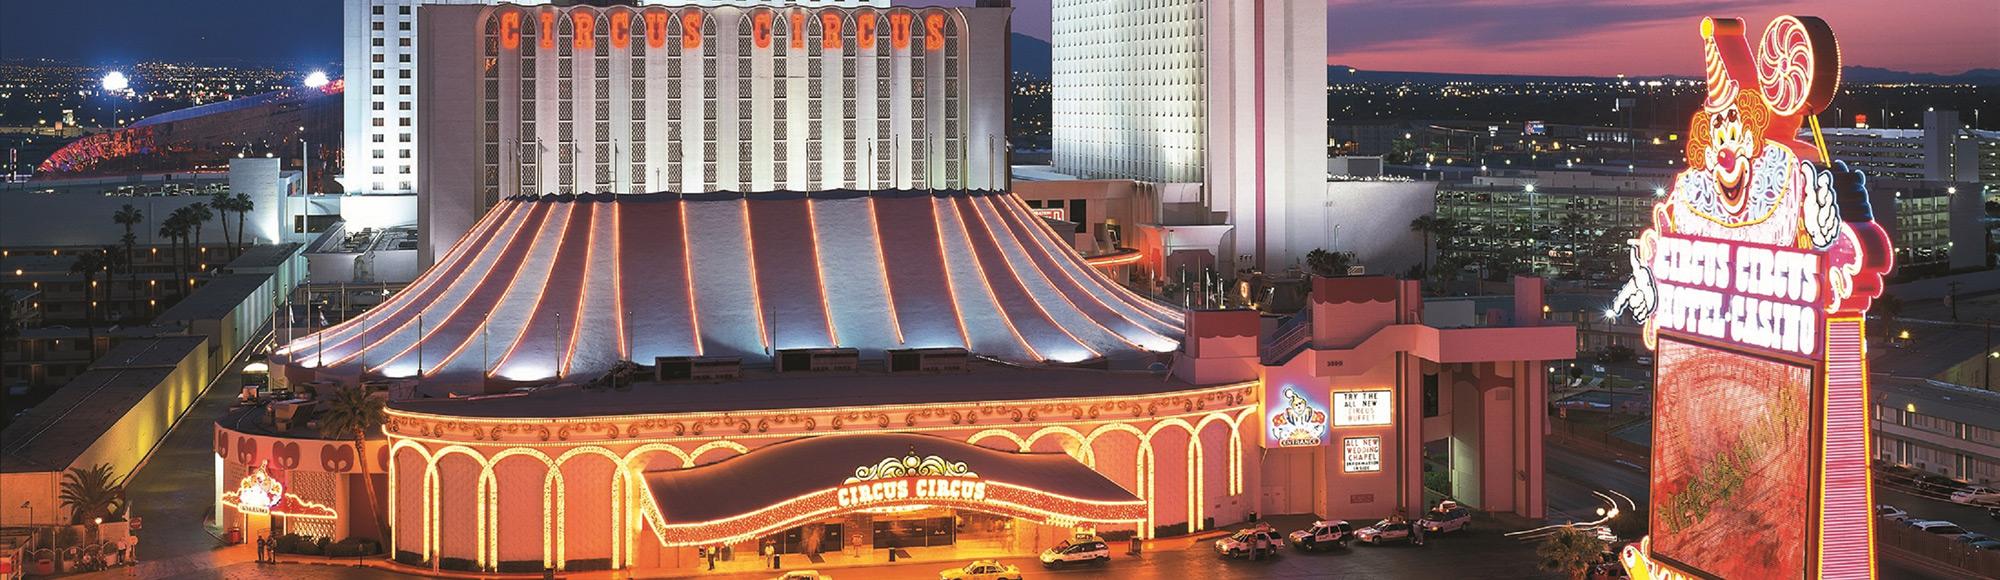 casino tower queen circus circus